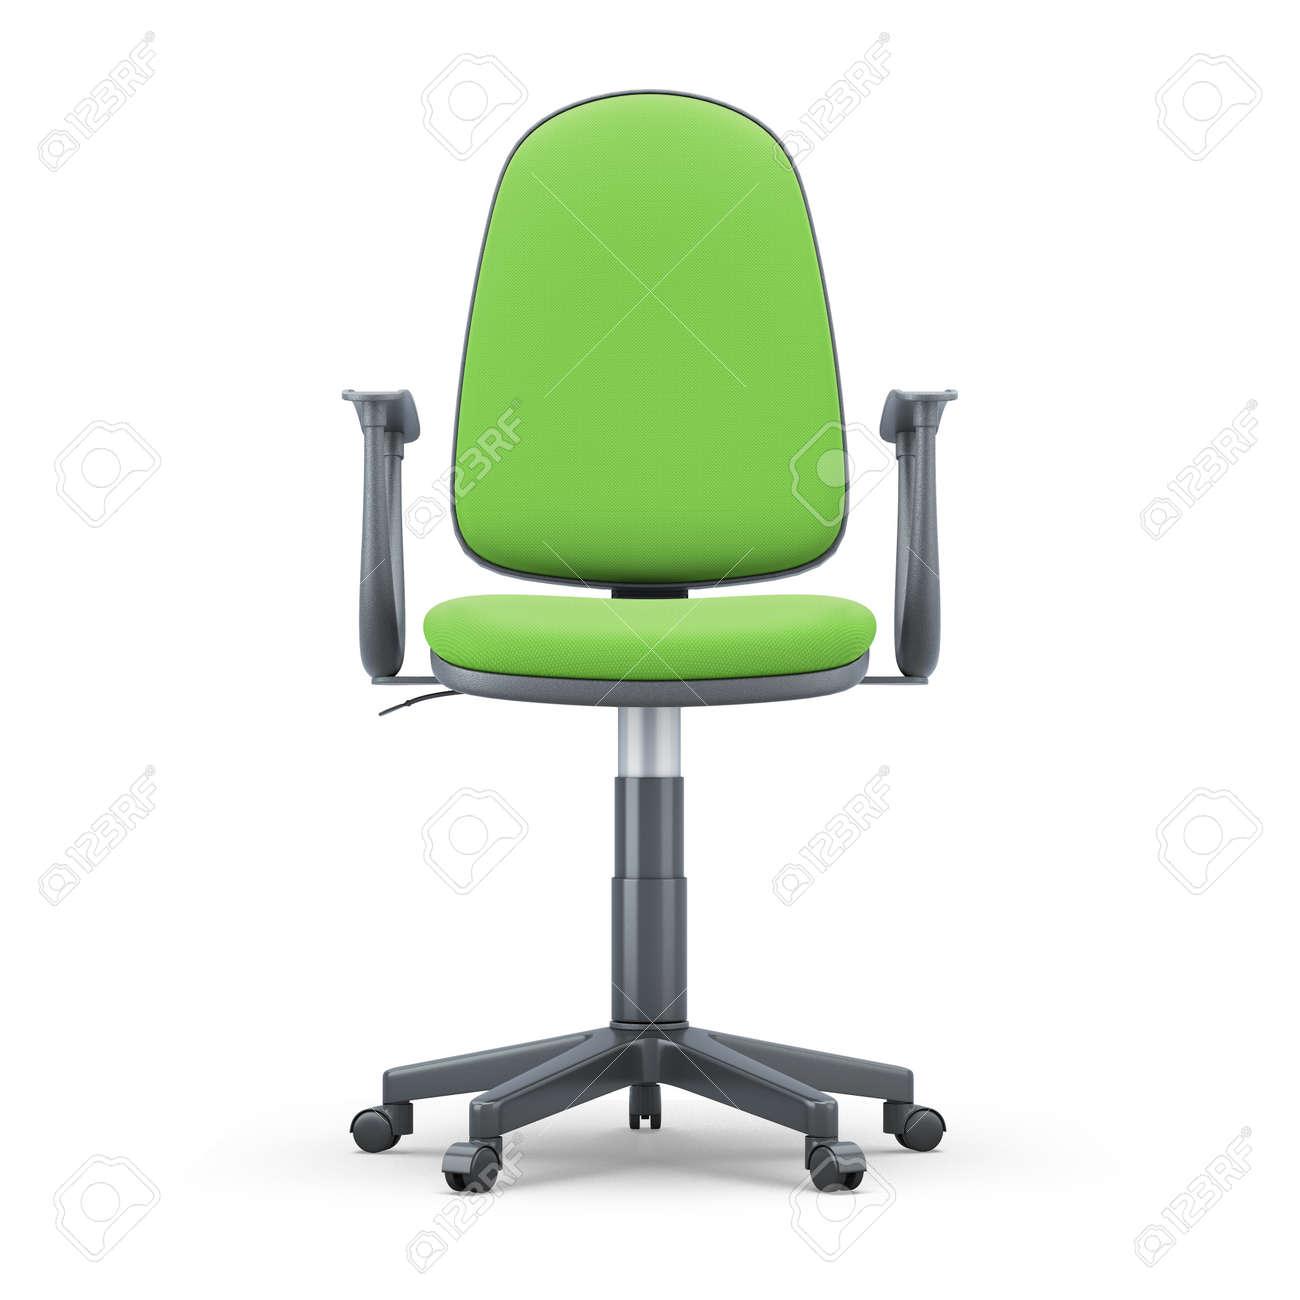 Vert IllustrationVue Sur Chaise Blanc3d Face Bureau Isolé Bureau La De Fond ZXkuOPi